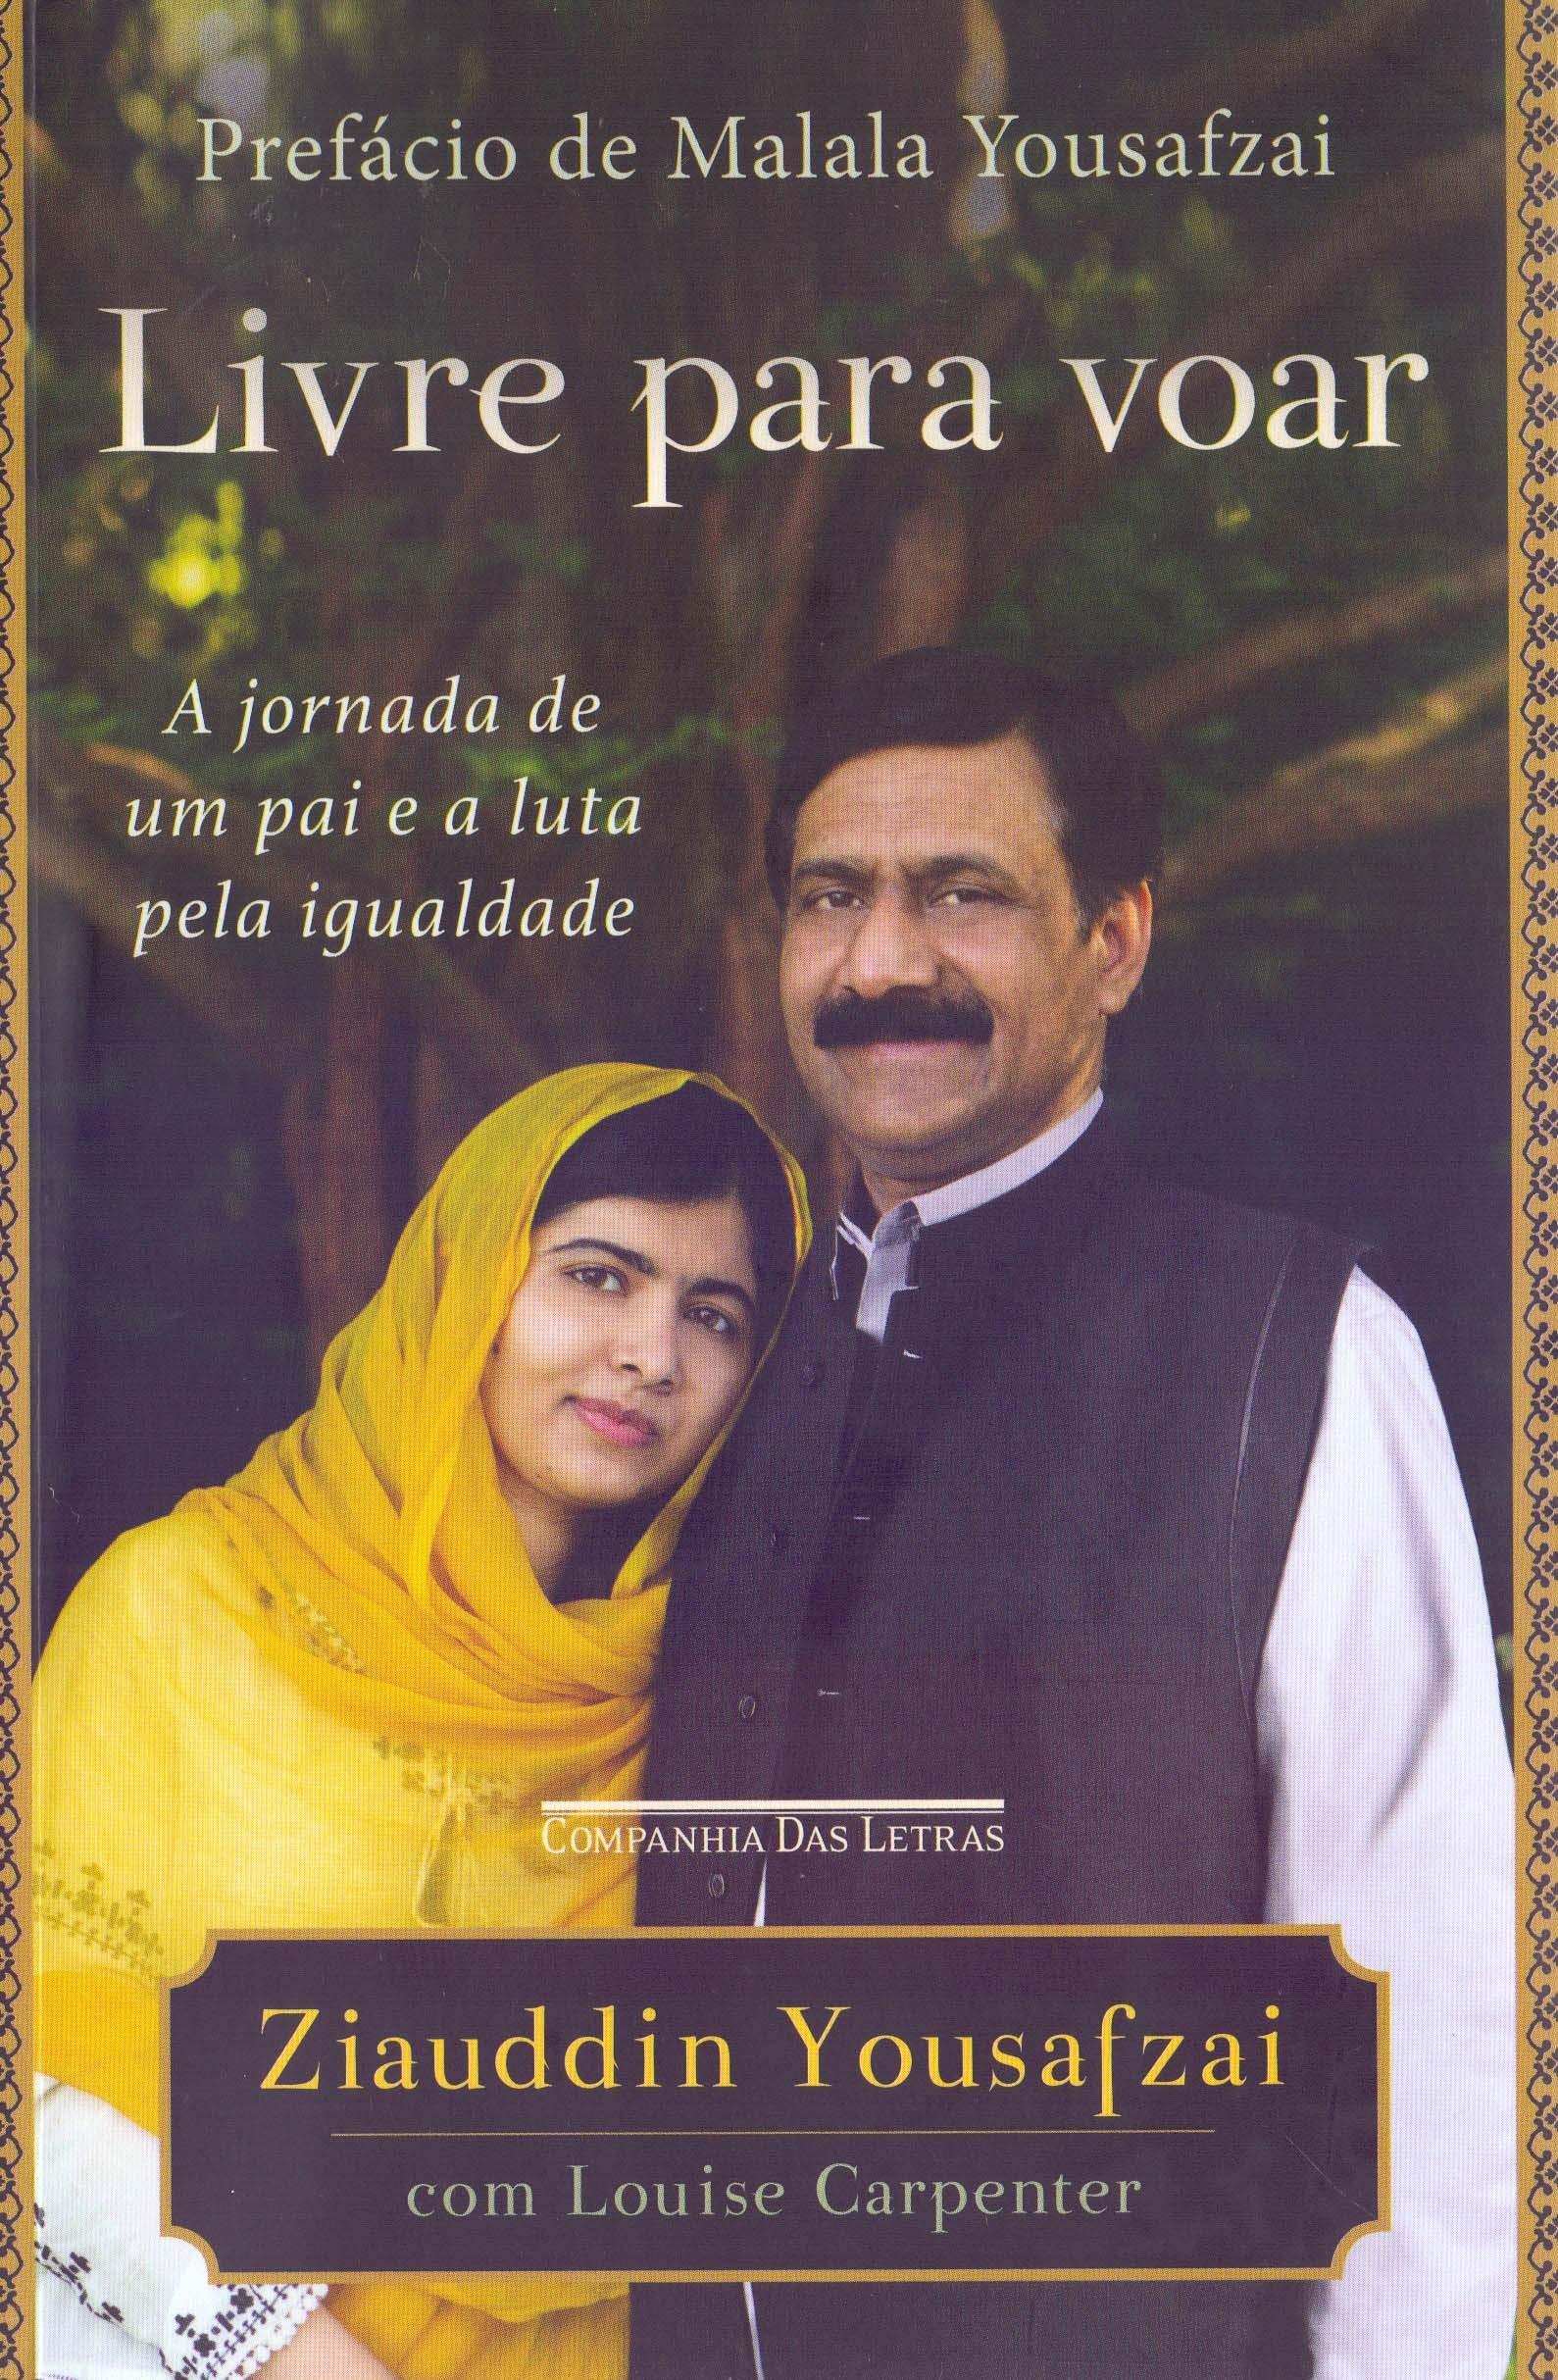 Livre para voar: A jornada de um pai e a luta pela igualdade, livro de Ziauddin Yousafzai, Louise Carpenter